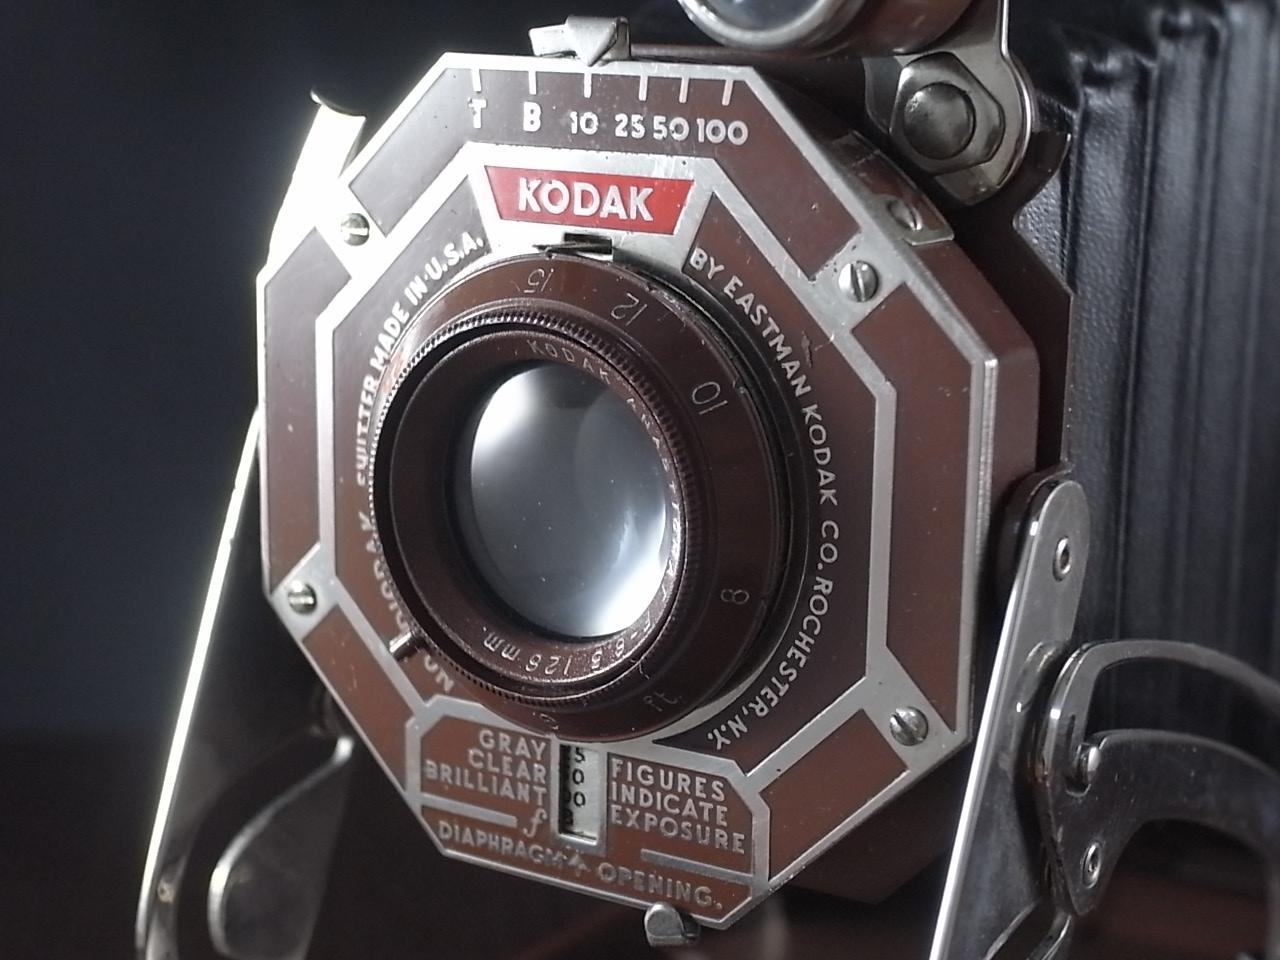 コダック アールデコ 蛇腹カメラ SIX-16 ブラウンの写真2枚目